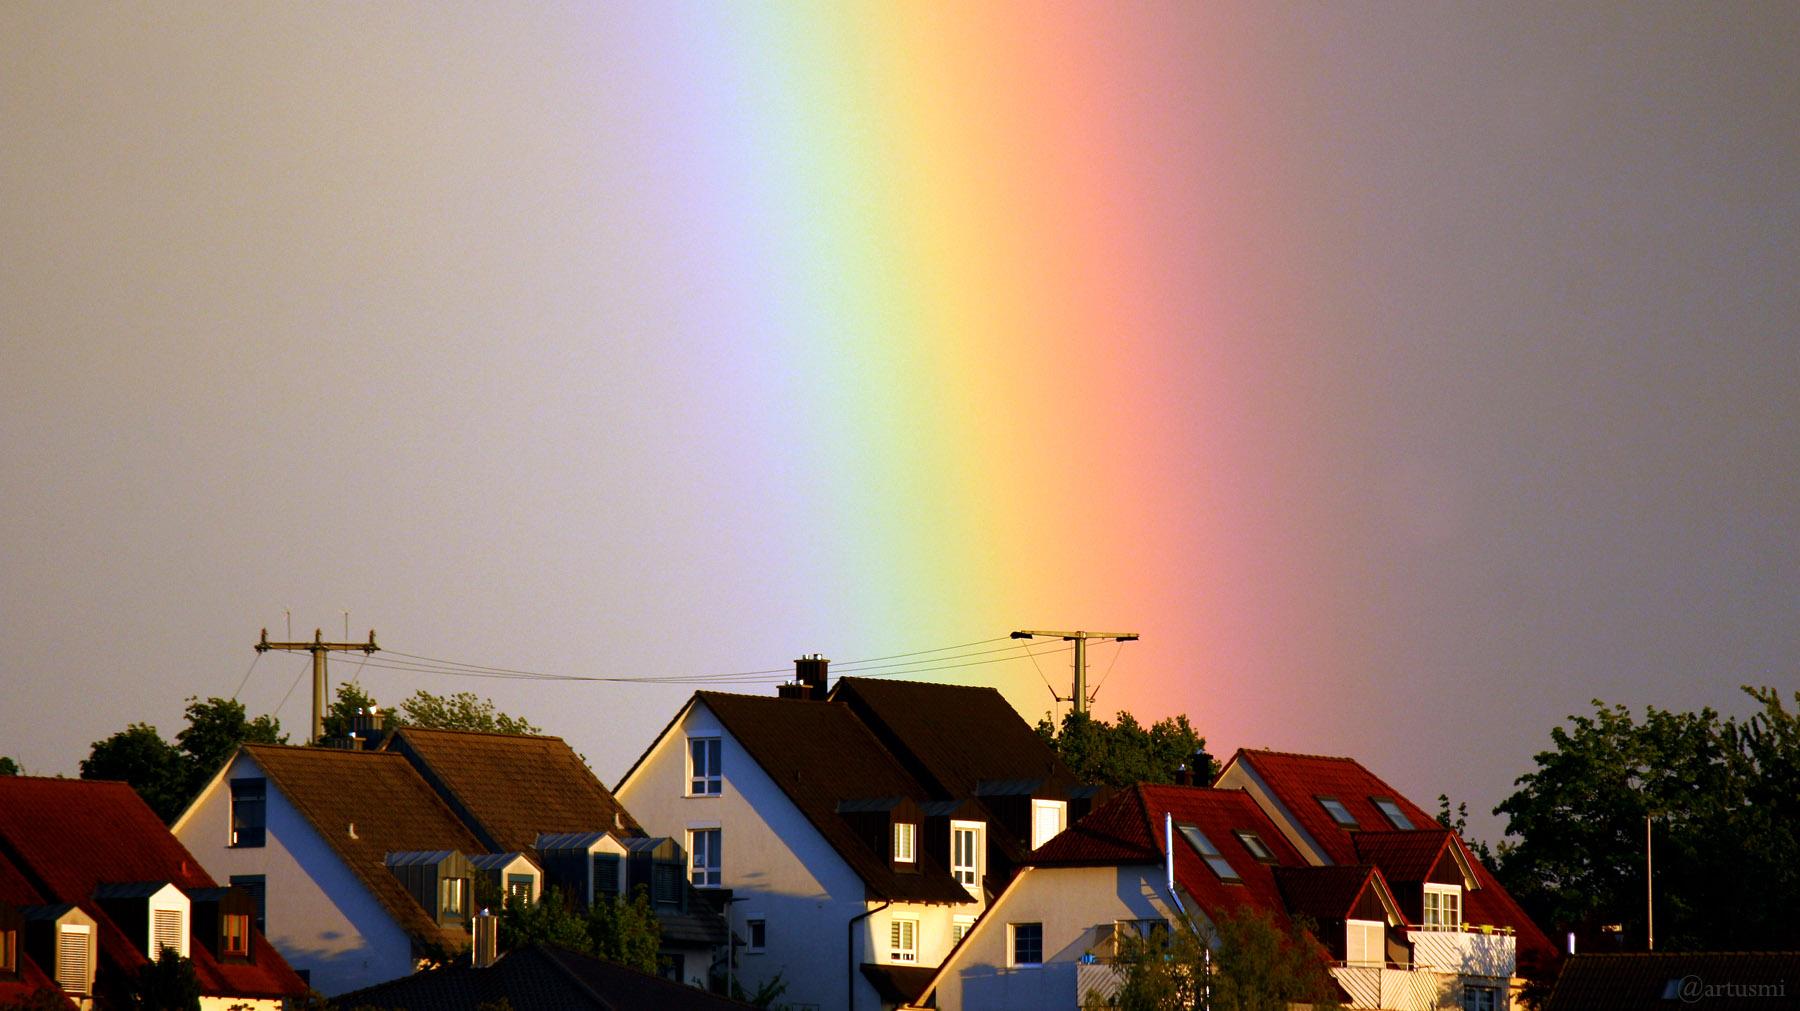 Regenbogen am 26. Mai 2021 im Süden von Eisingen